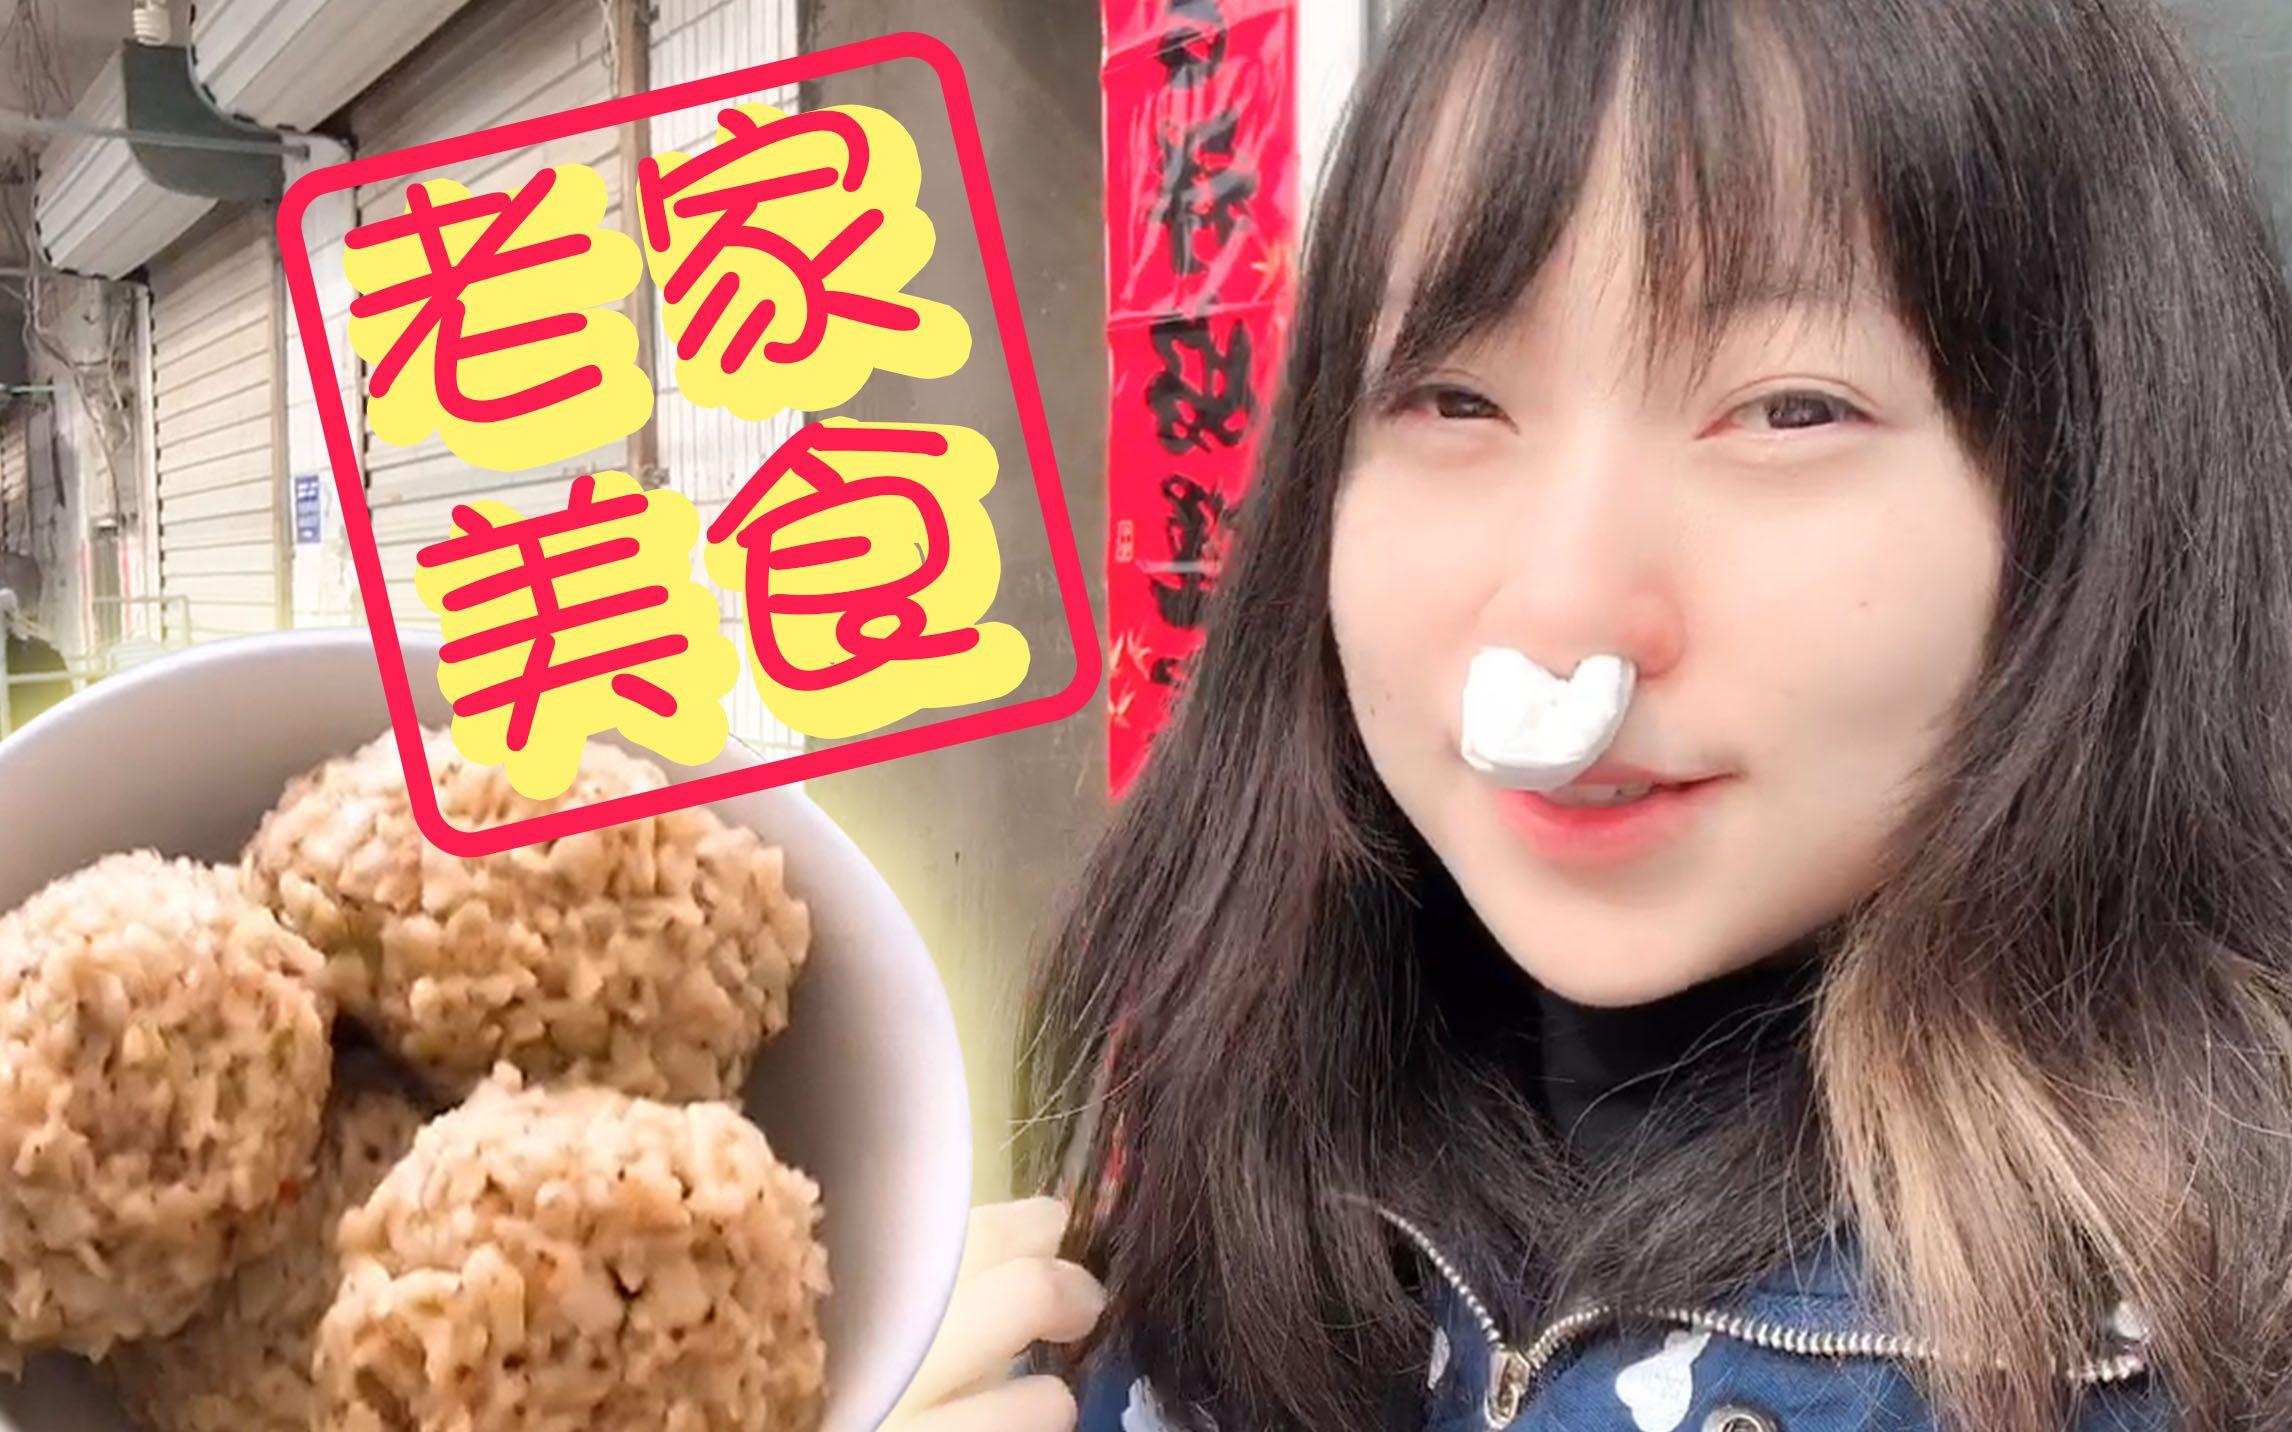 【聆风】皖北乡村的热闹春节与特色美食丨阿猫下乡记